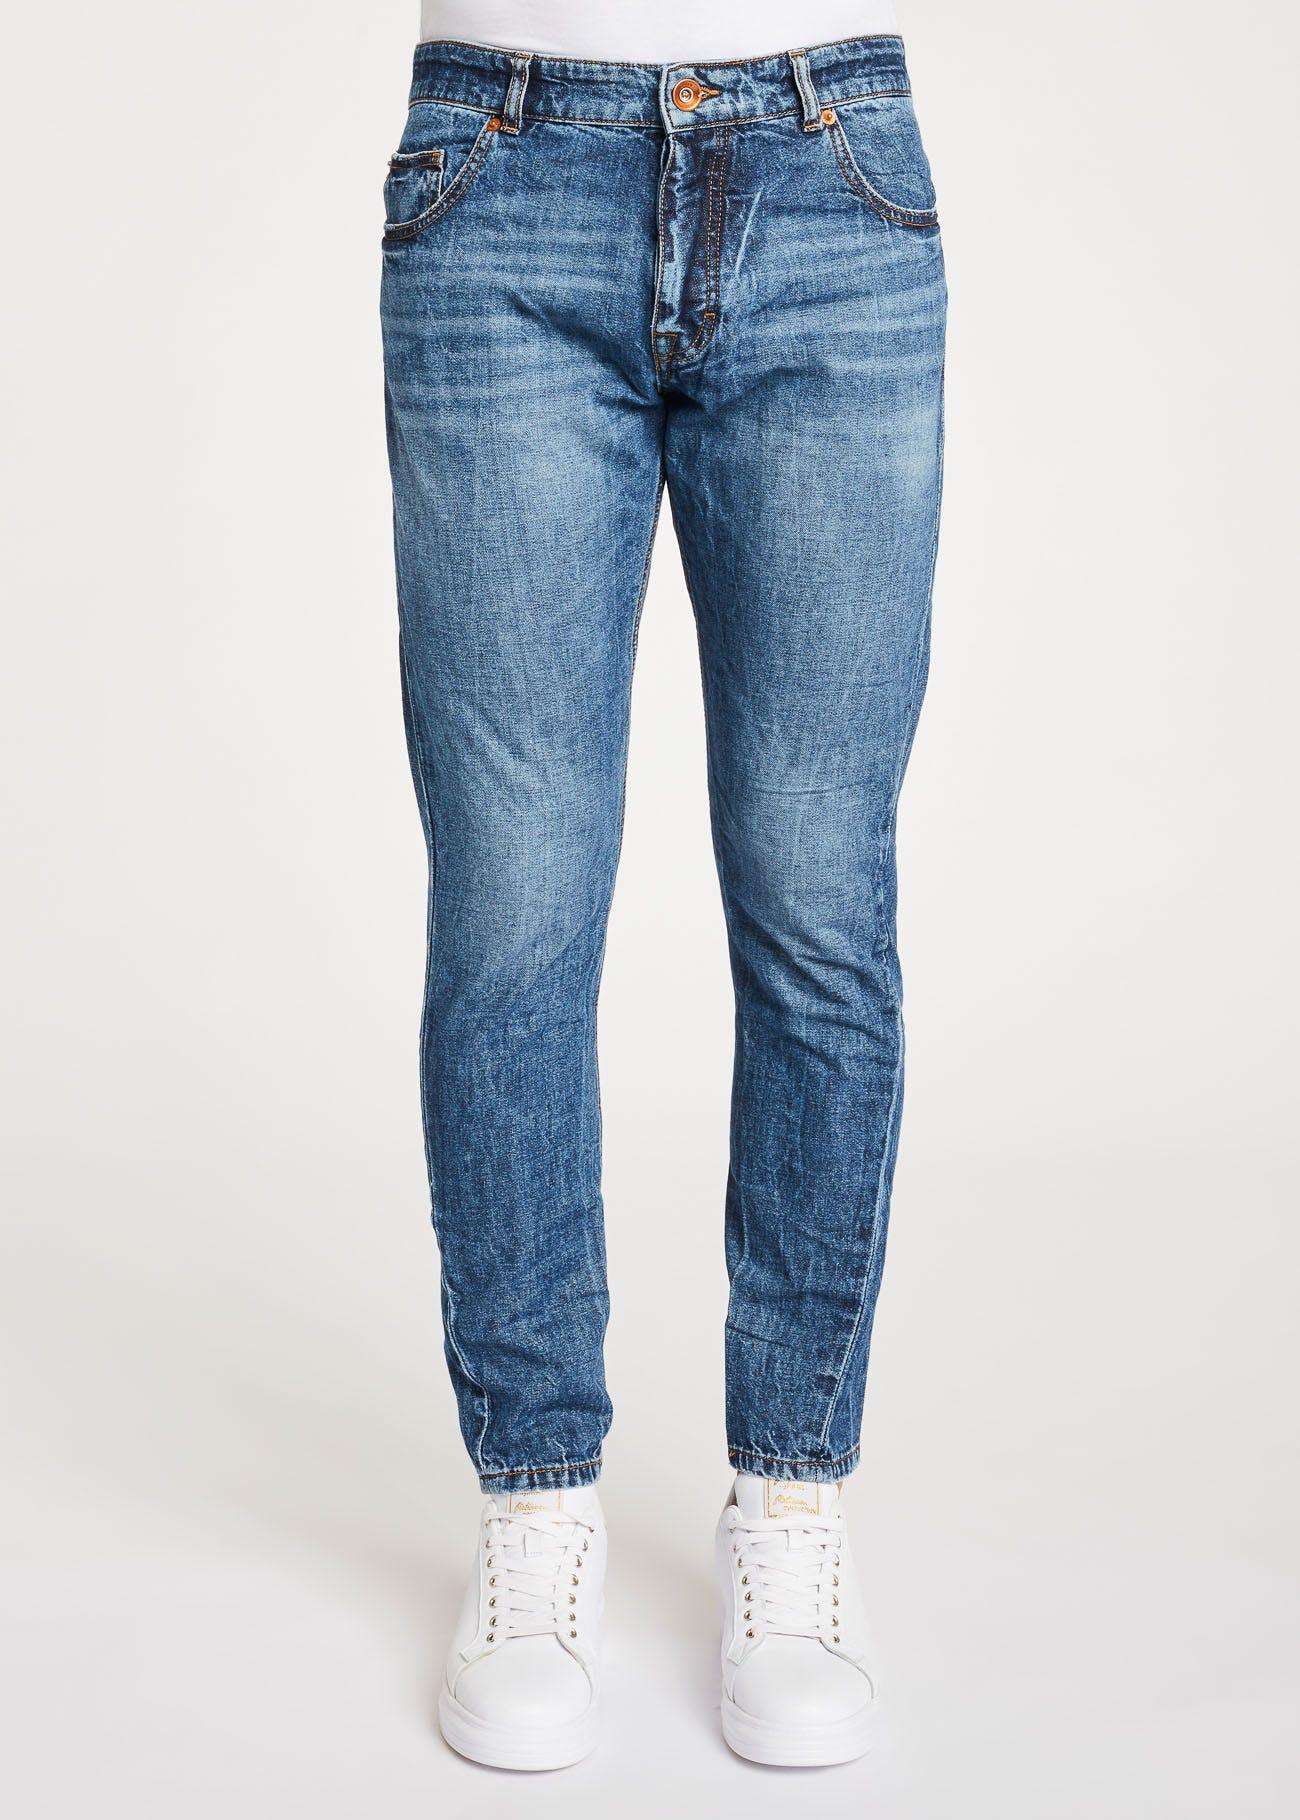 Regular-waist jeans